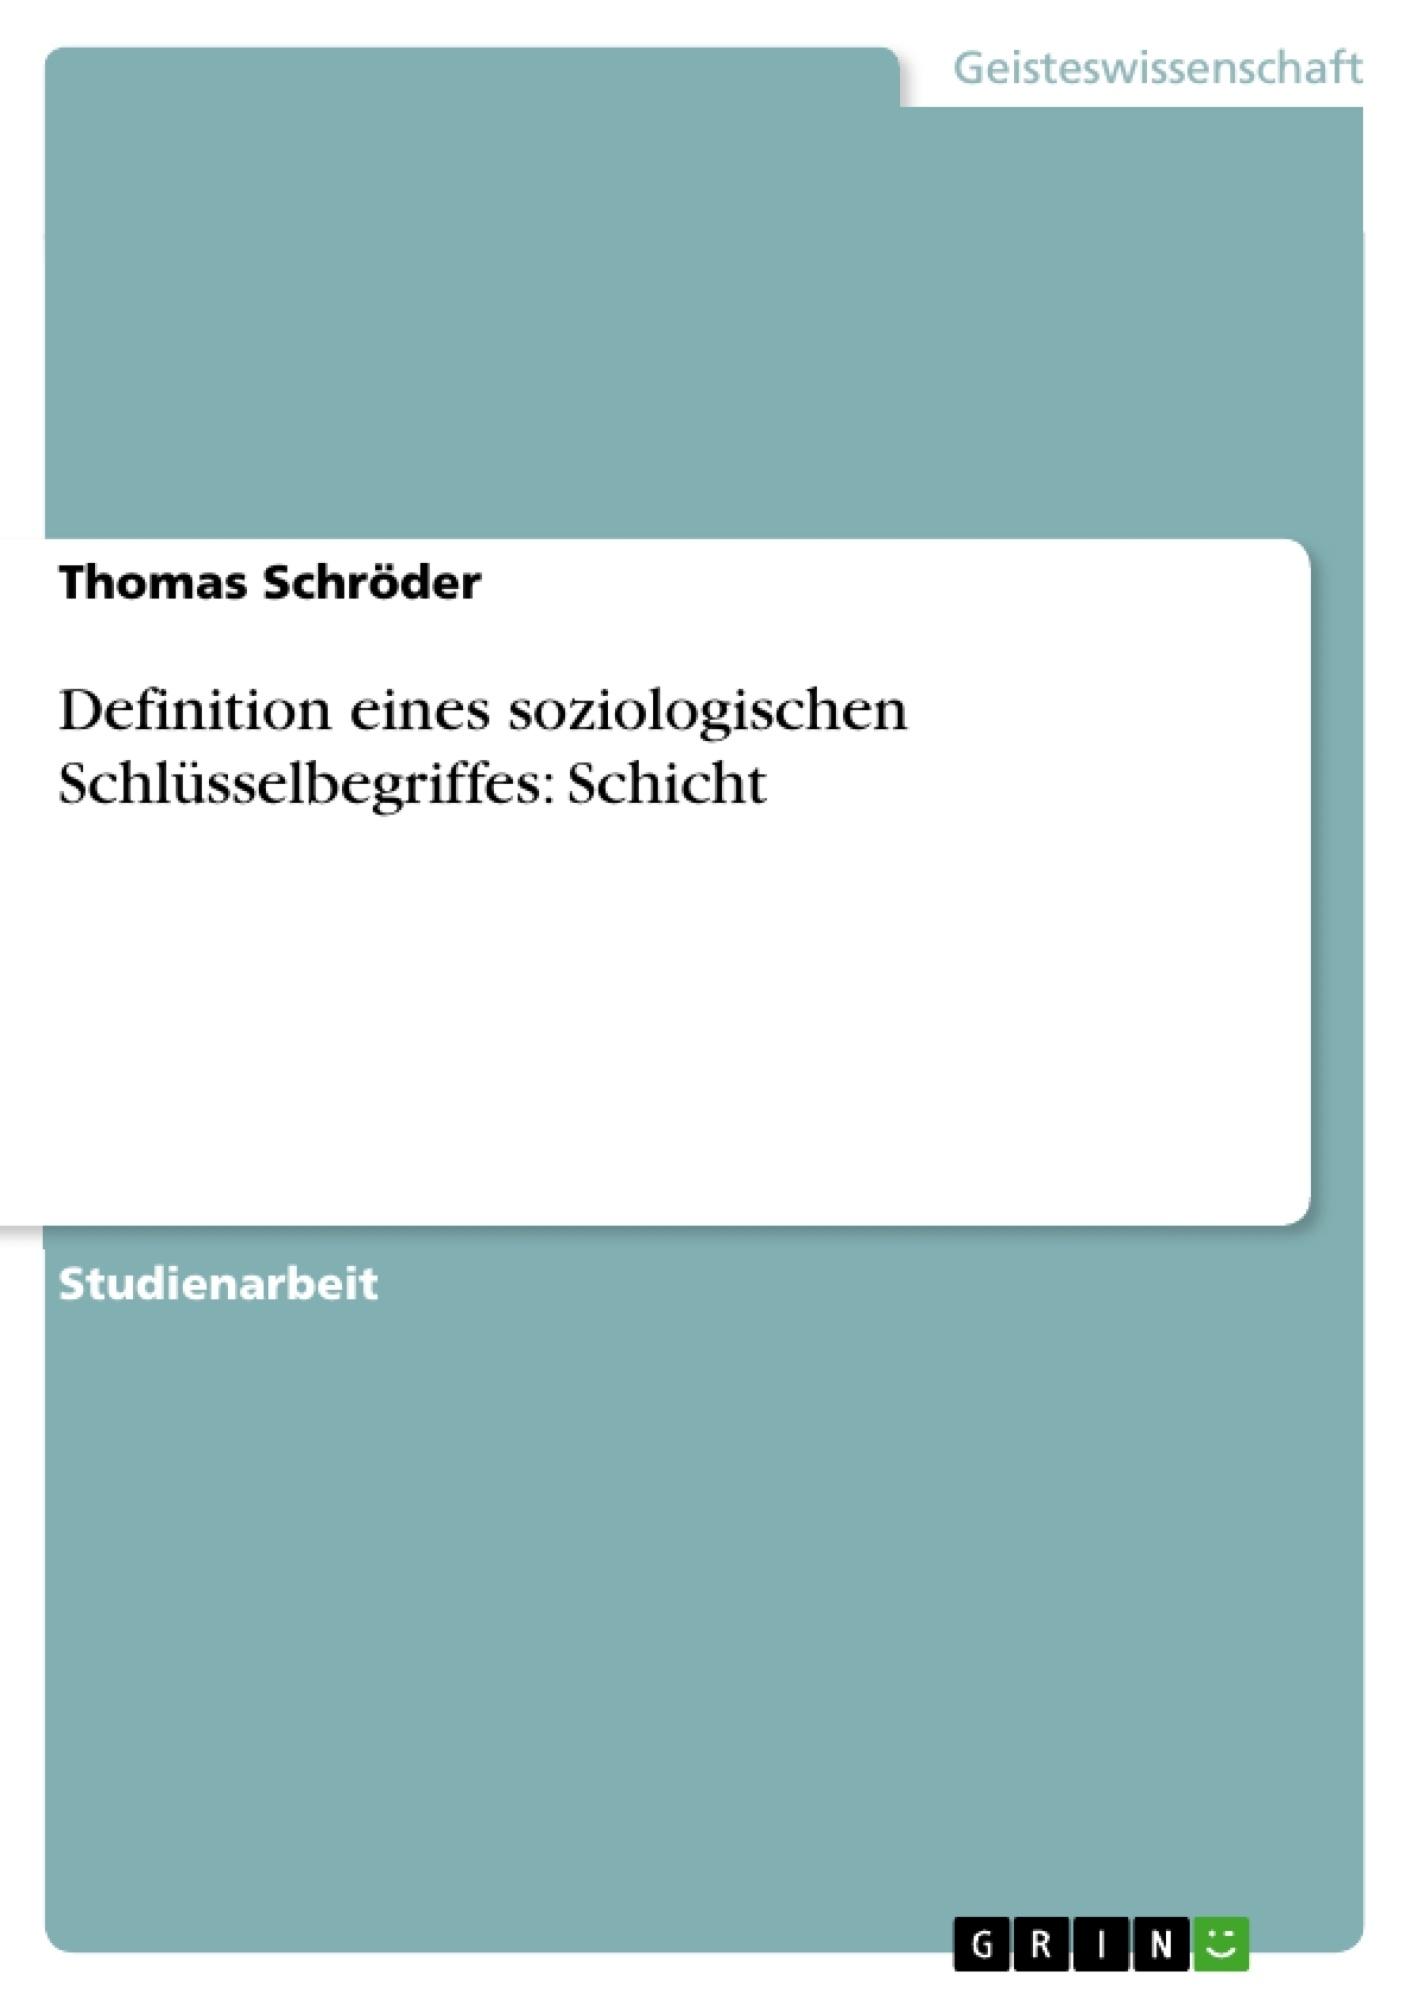 Titel: Definition eines soziologischen Schlüsselbegriffes: Schicht